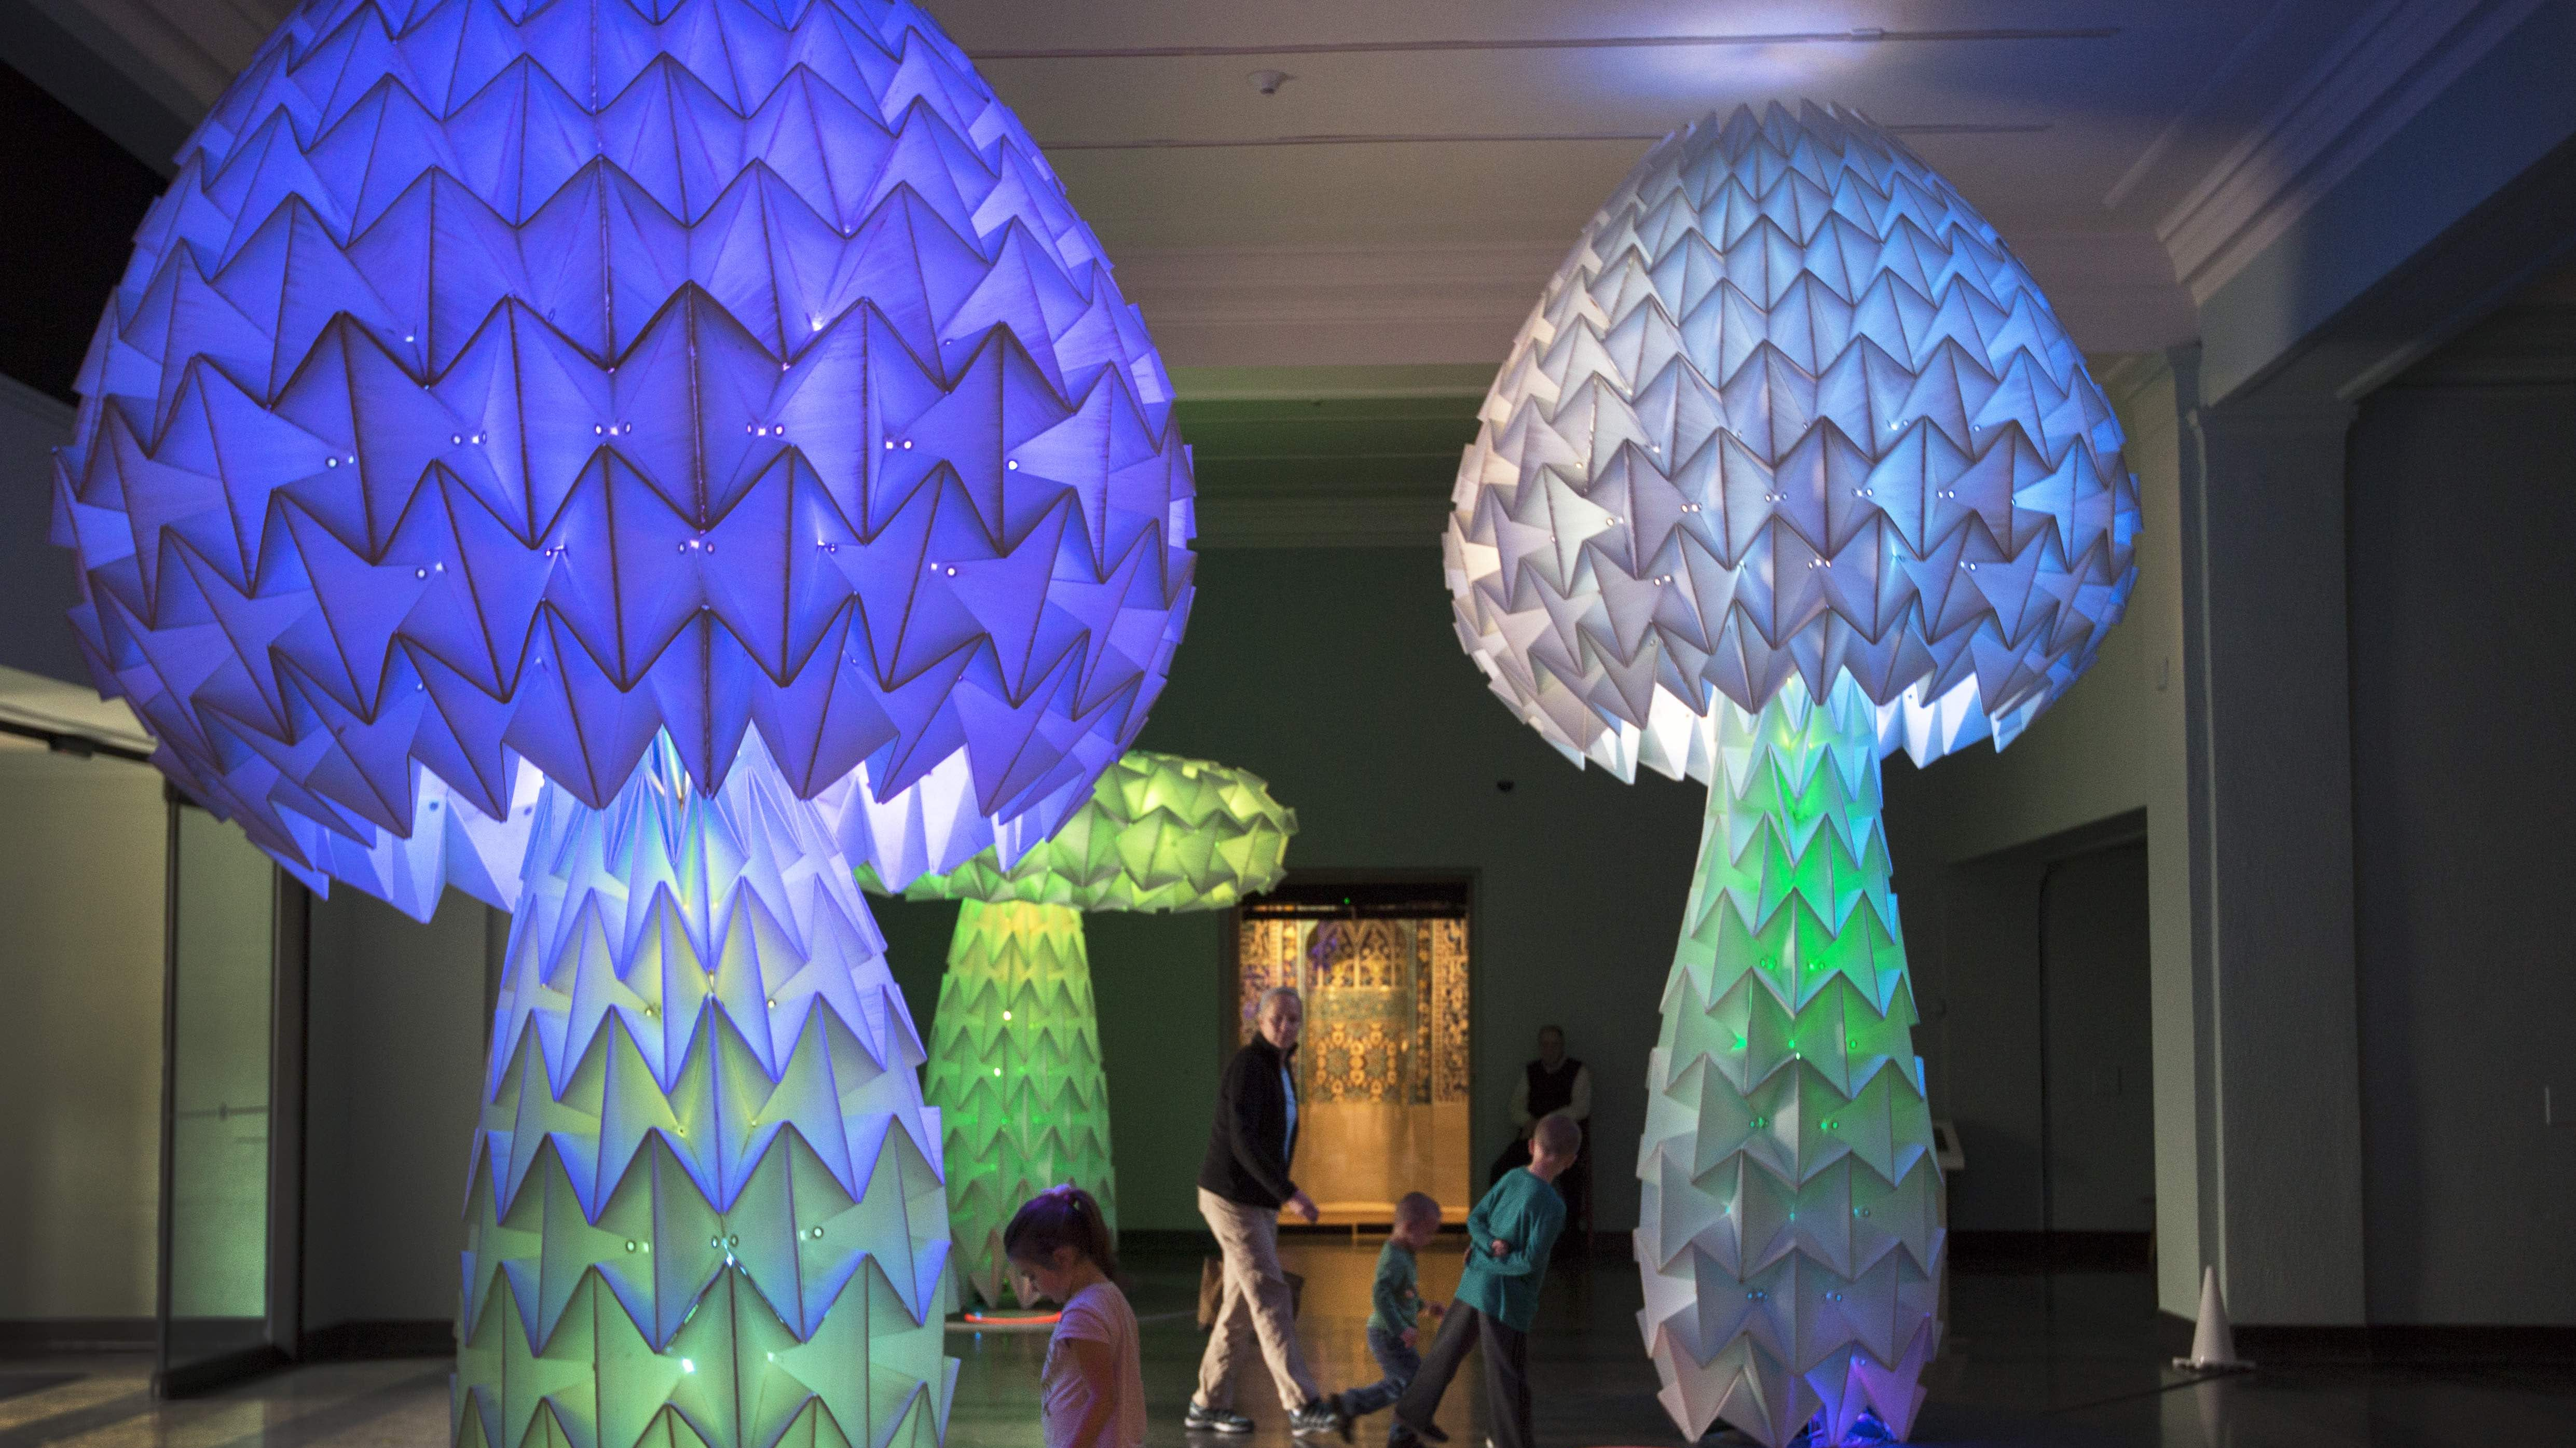 Gallery: Burning Man at Cincinnati Art Museum